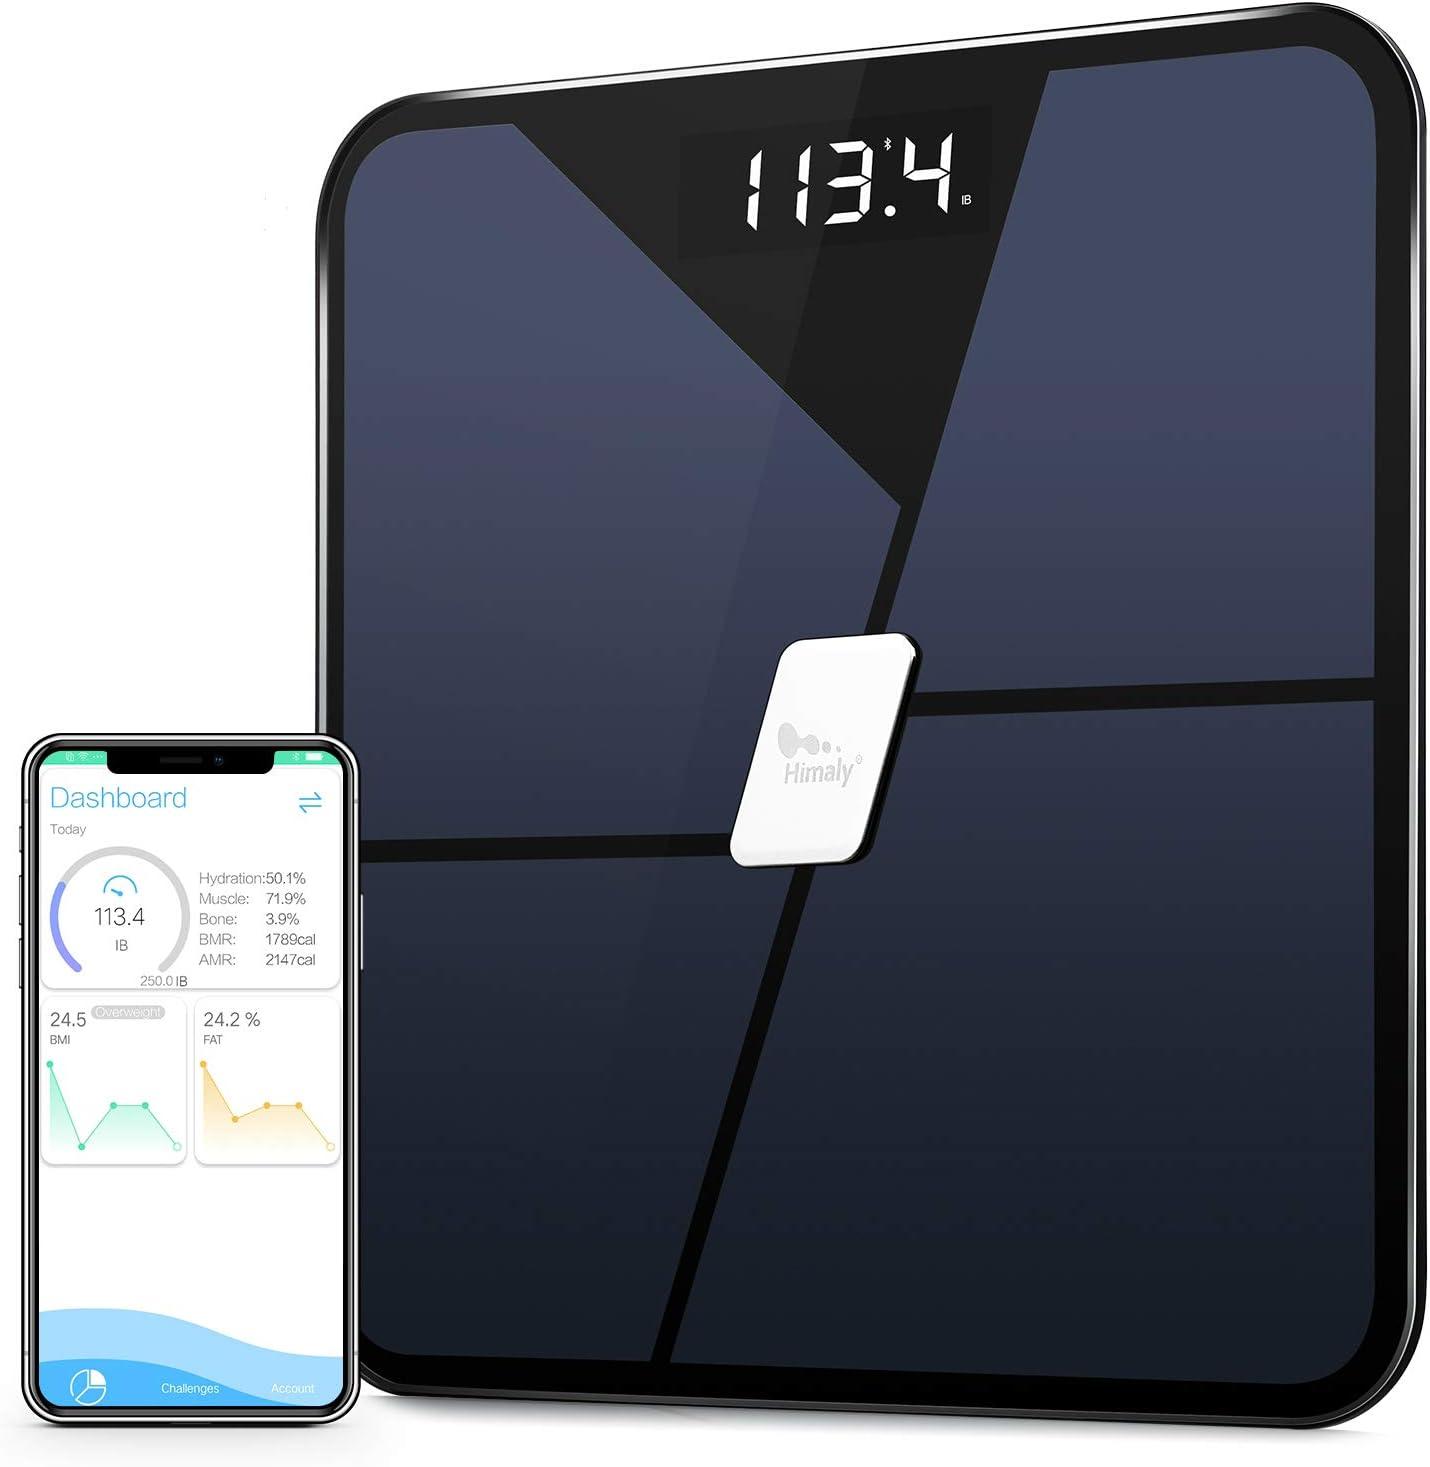 Himaly Pèse-personne Impedancemetre Connecté Bluetooth Electronique Ecran Rétroéclairé Mesure du Poids Graisse IMC Eau Masse osseuse Calorie Graisse viscérale et métabolique Pour IOS et Android